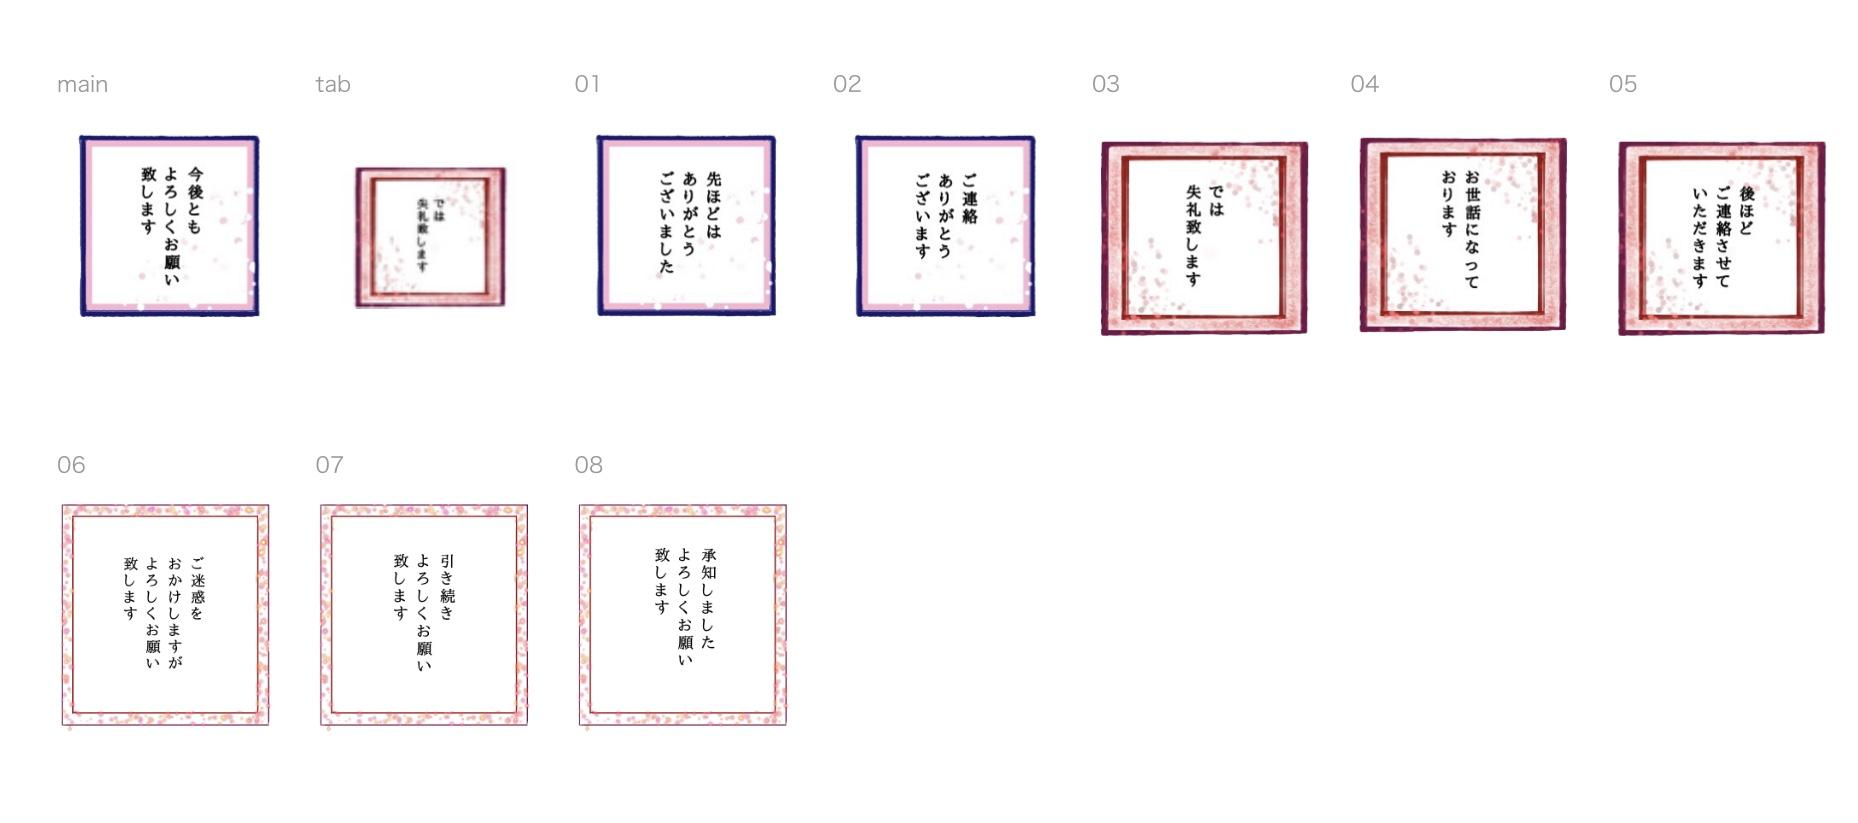 5B7AC9EE-A6E2-4073-A054-9798E18FA9C0